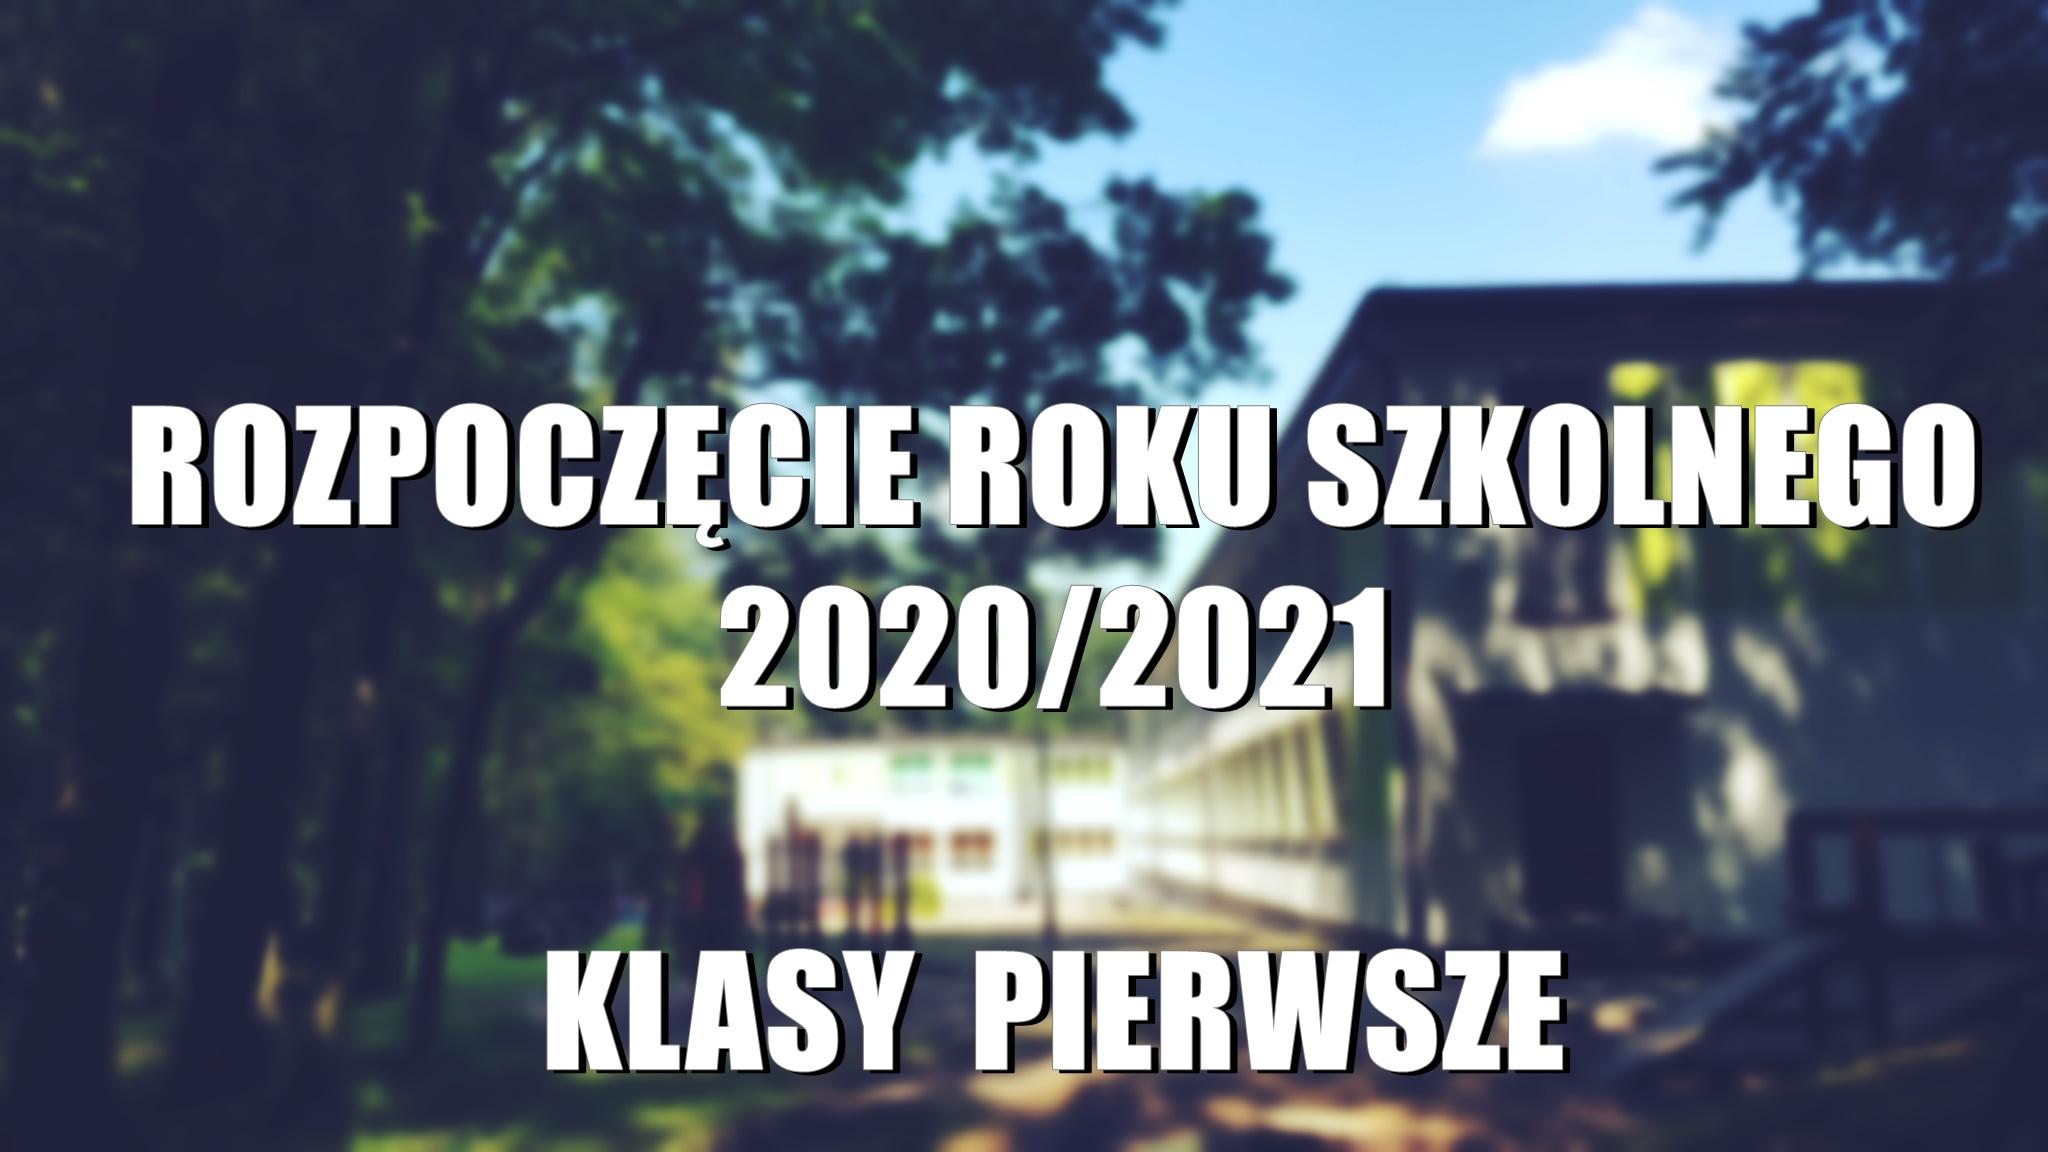 Rozpoczęcie roku szkolnego 2020/2021 - KLASY PIERWSZE